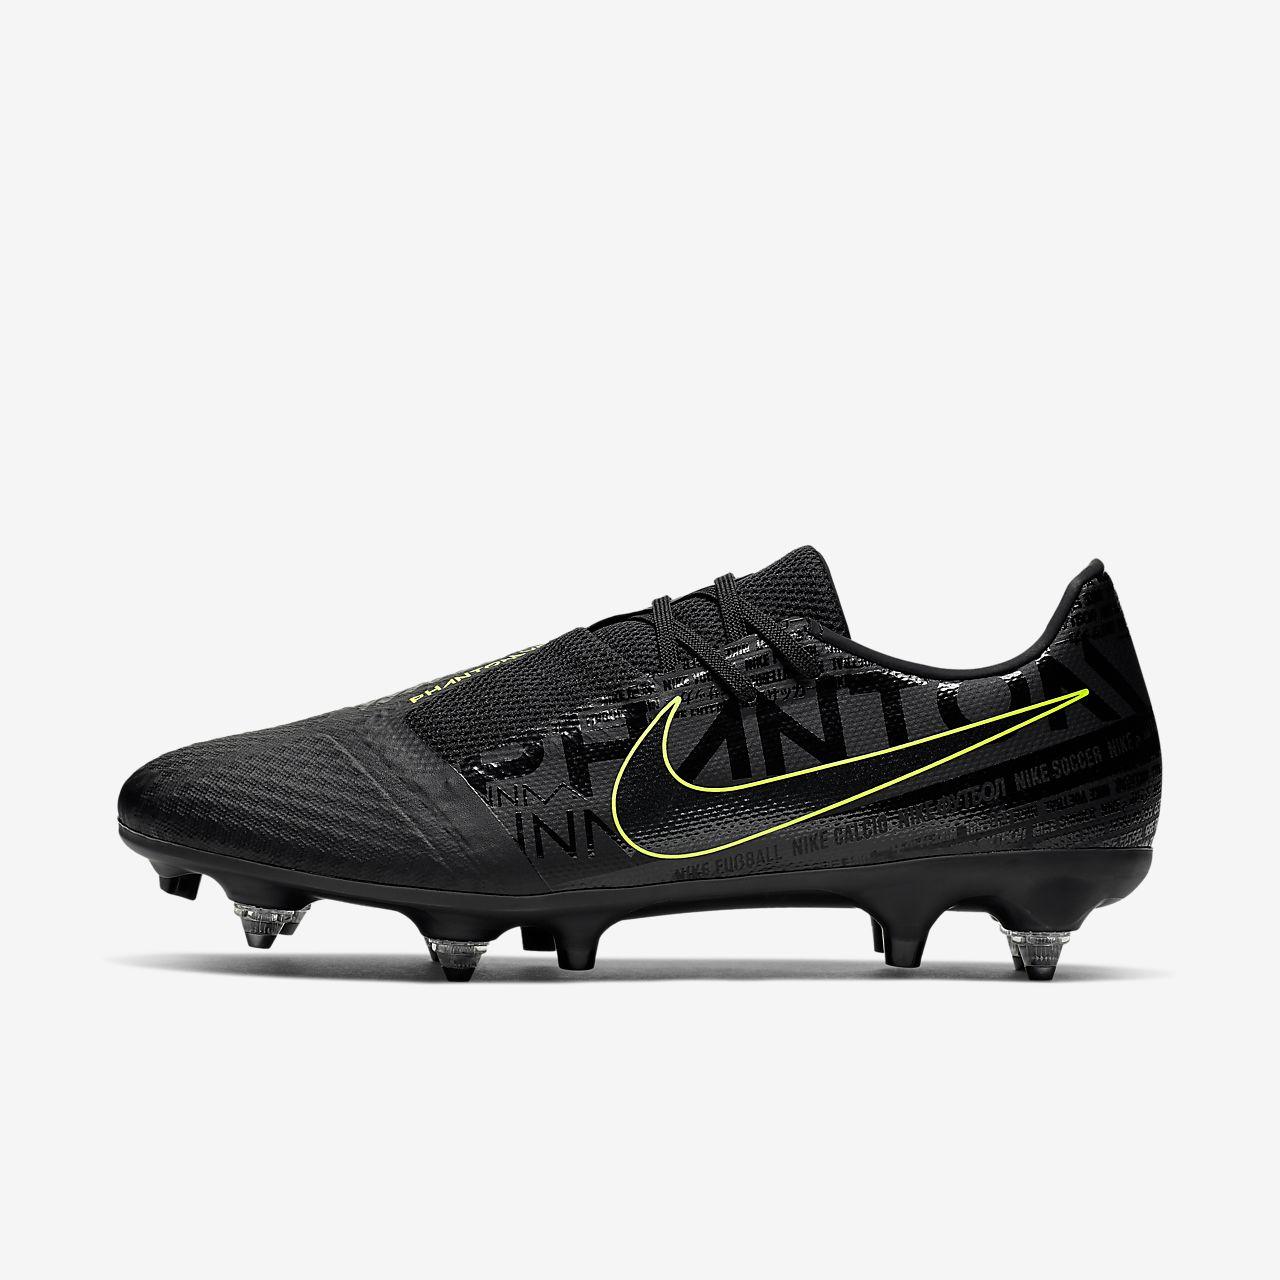 Nike PhantomVNM Academy SG-Pro Anti-Clog Traction Fußballschuh für weichen Rasen